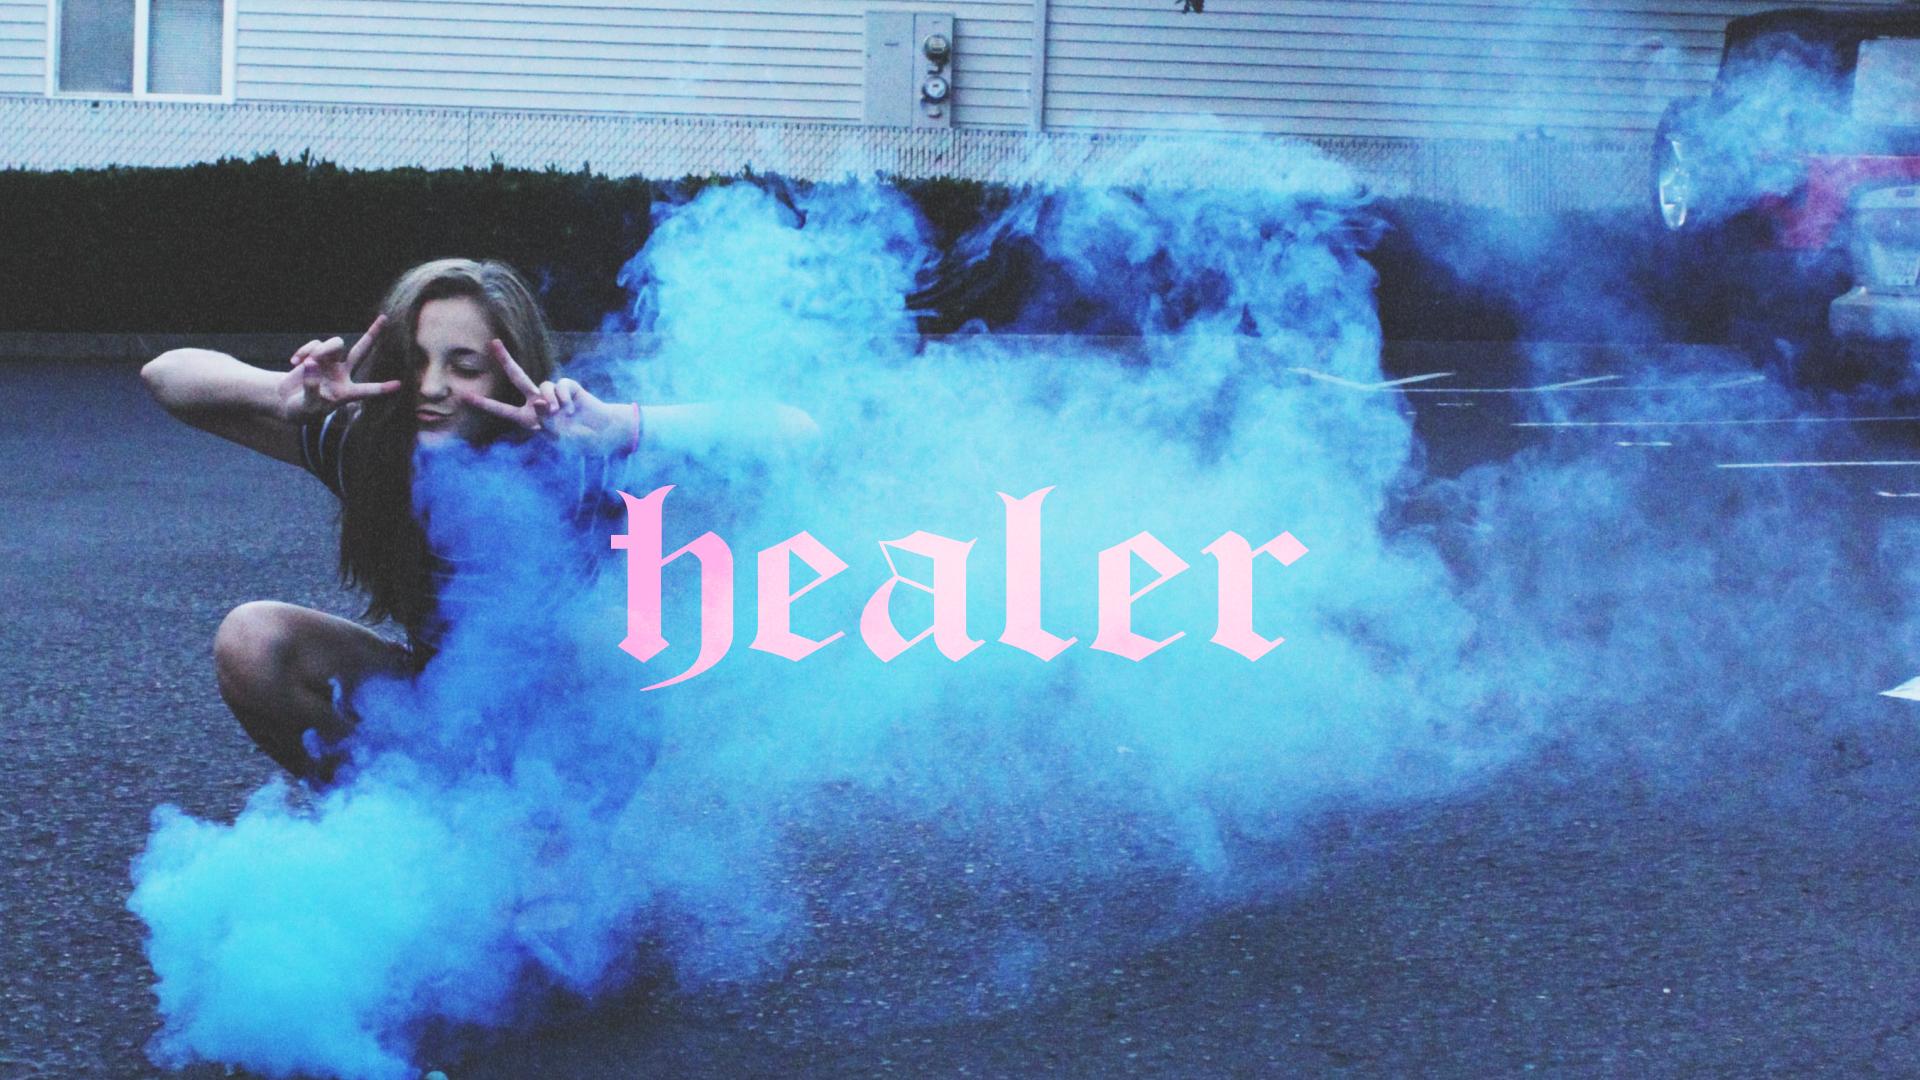 healer image centered.jpg